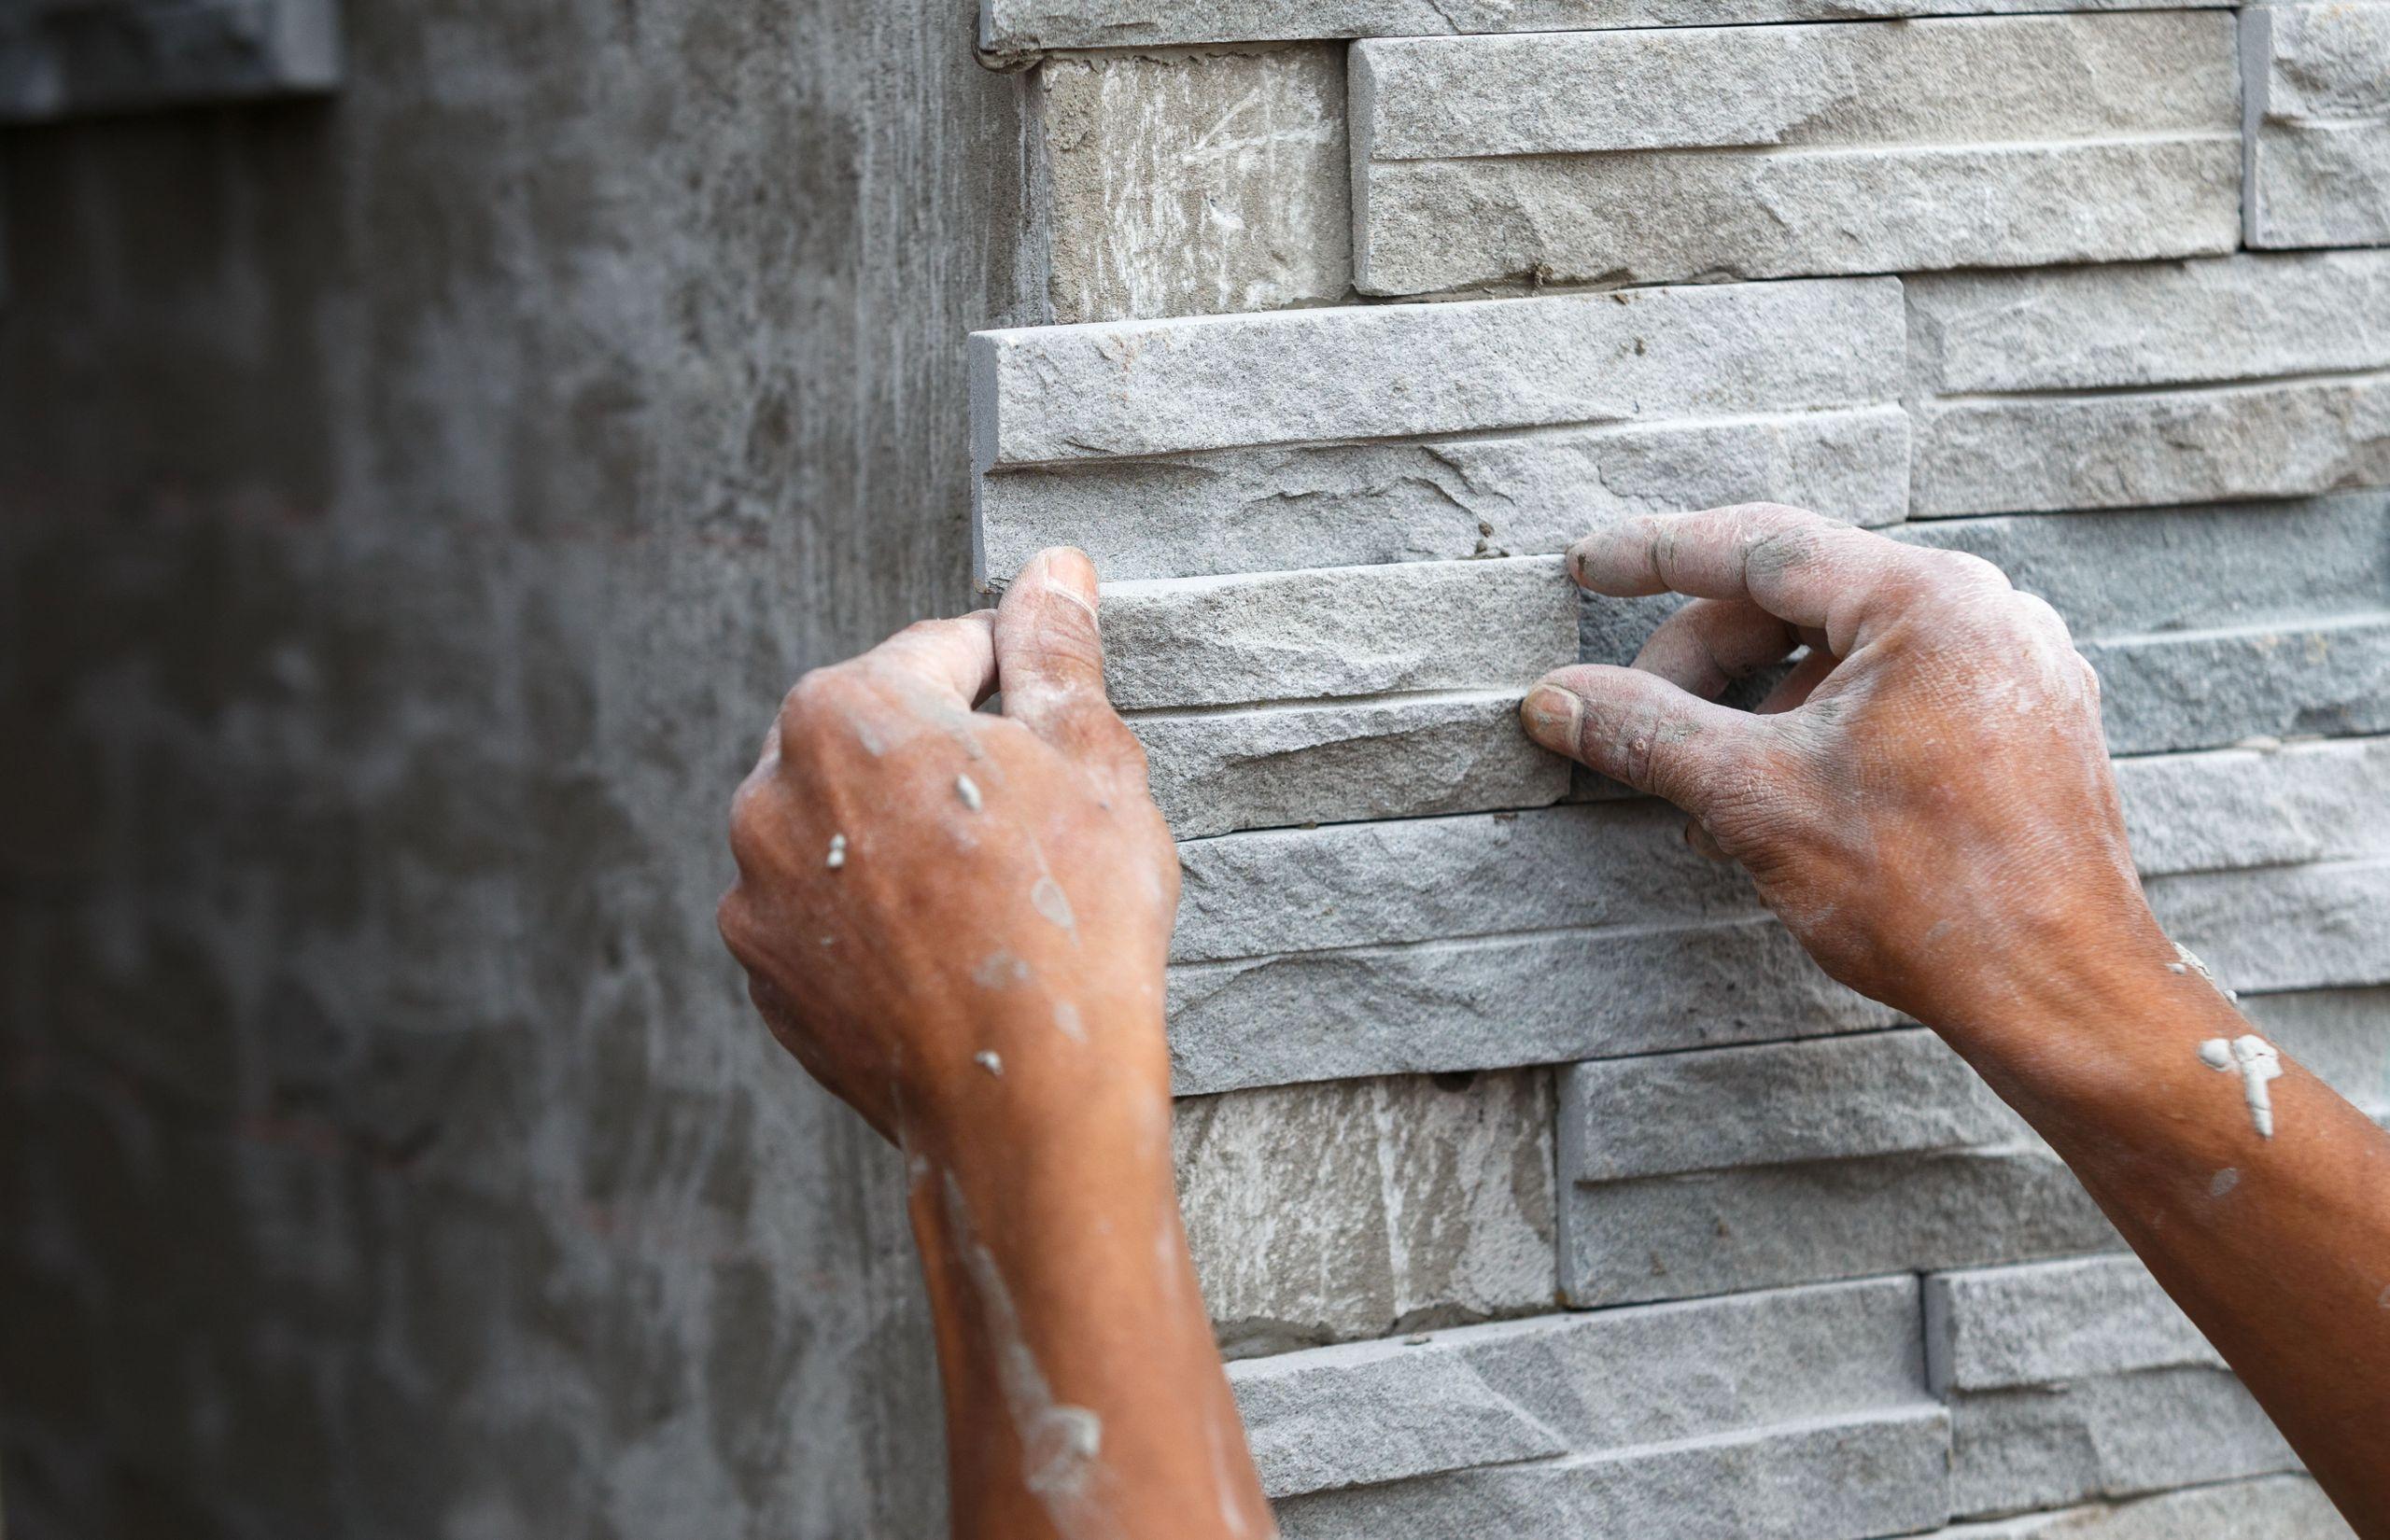 Immobilier : faut-il investir dans la pierre?